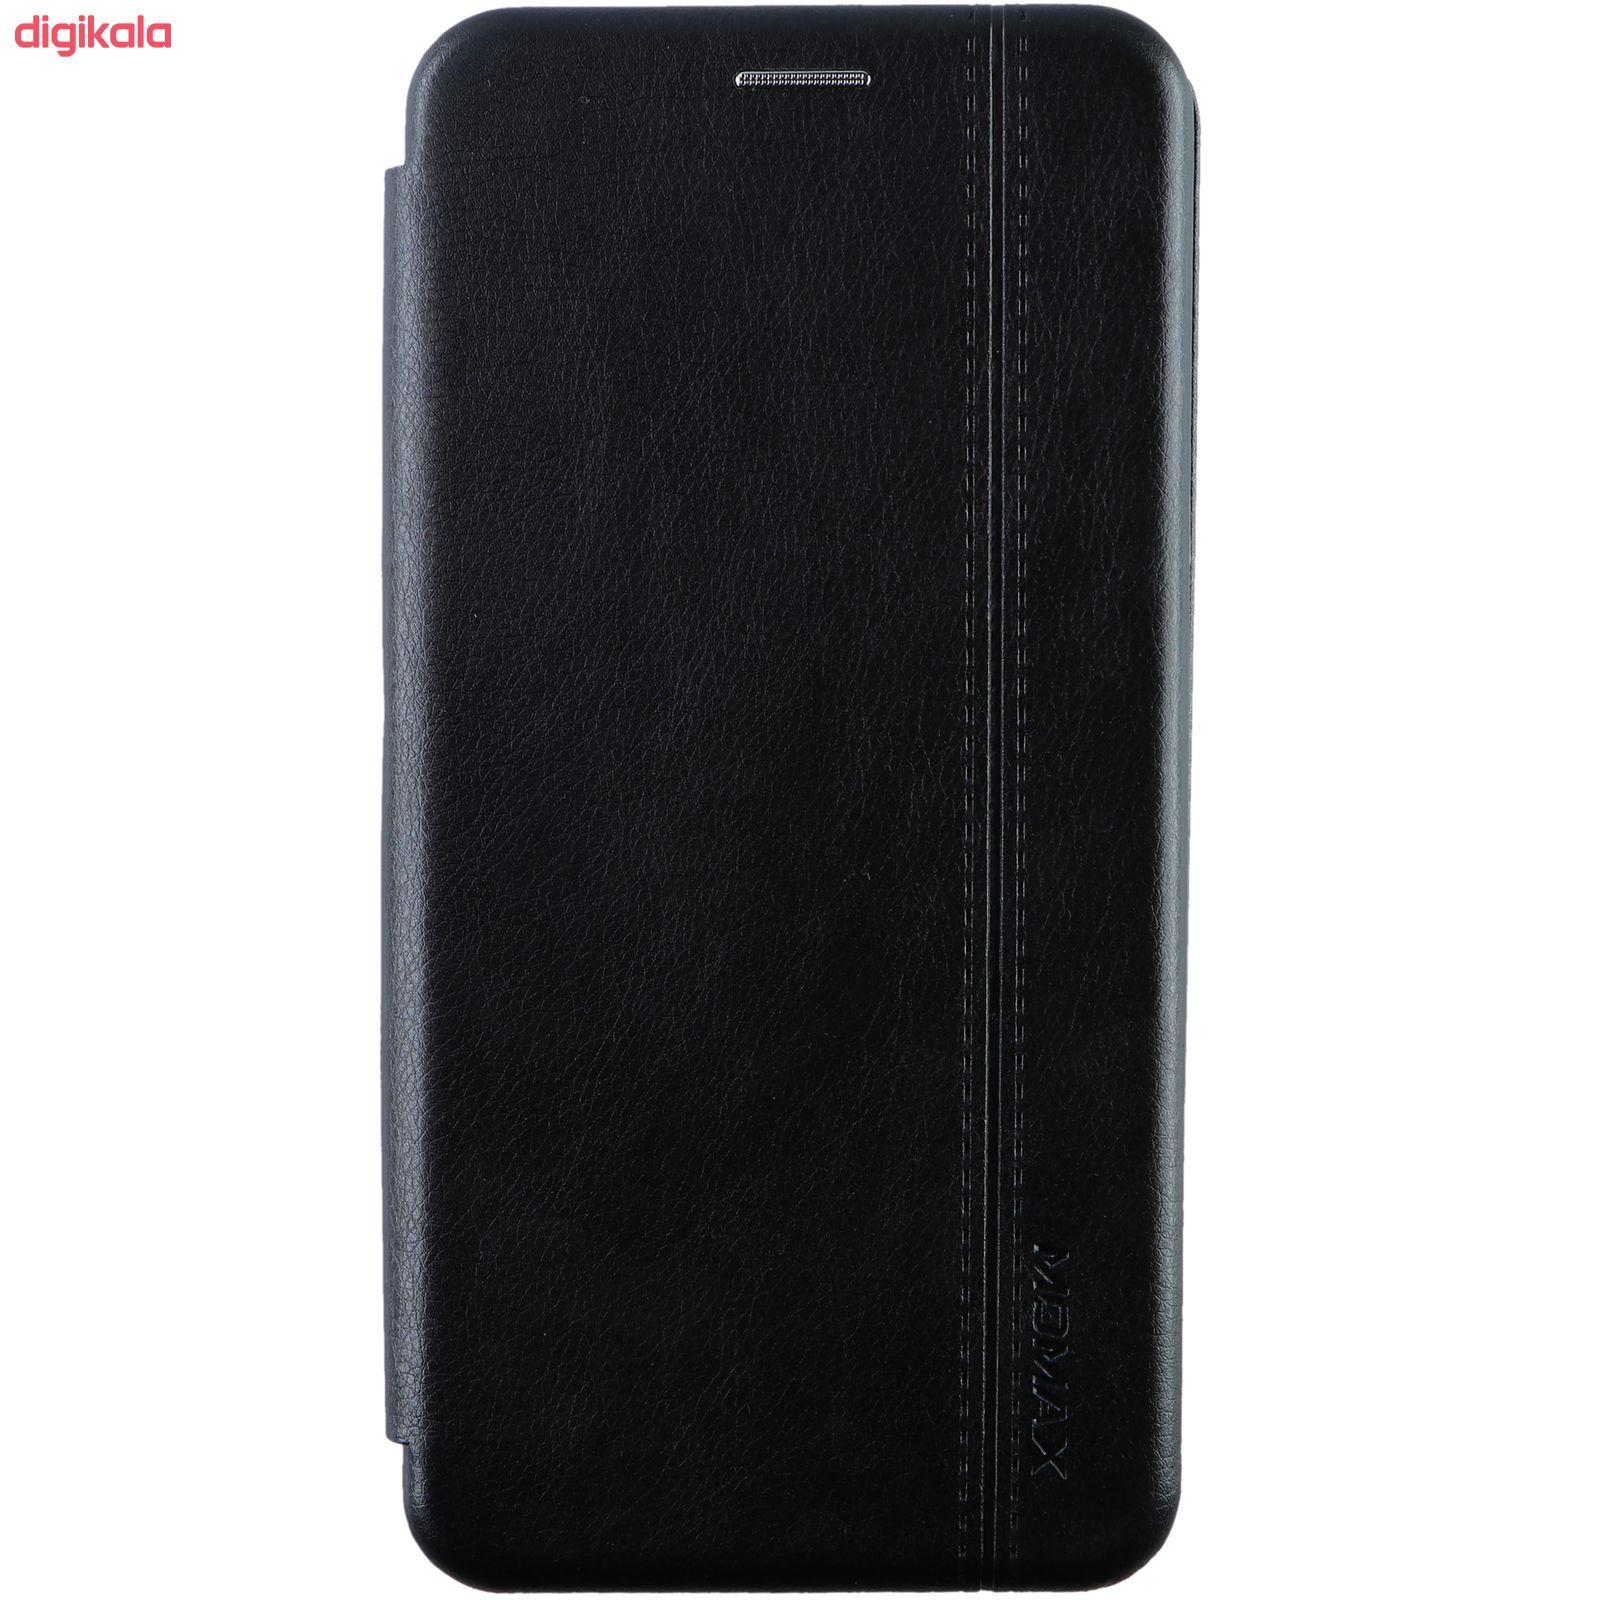 کیف کلاسوری مدل TX-818 مناسب برای گوشی موبایل هوآوی Y9 Prime 2019 / آنر 9X  main 1 3